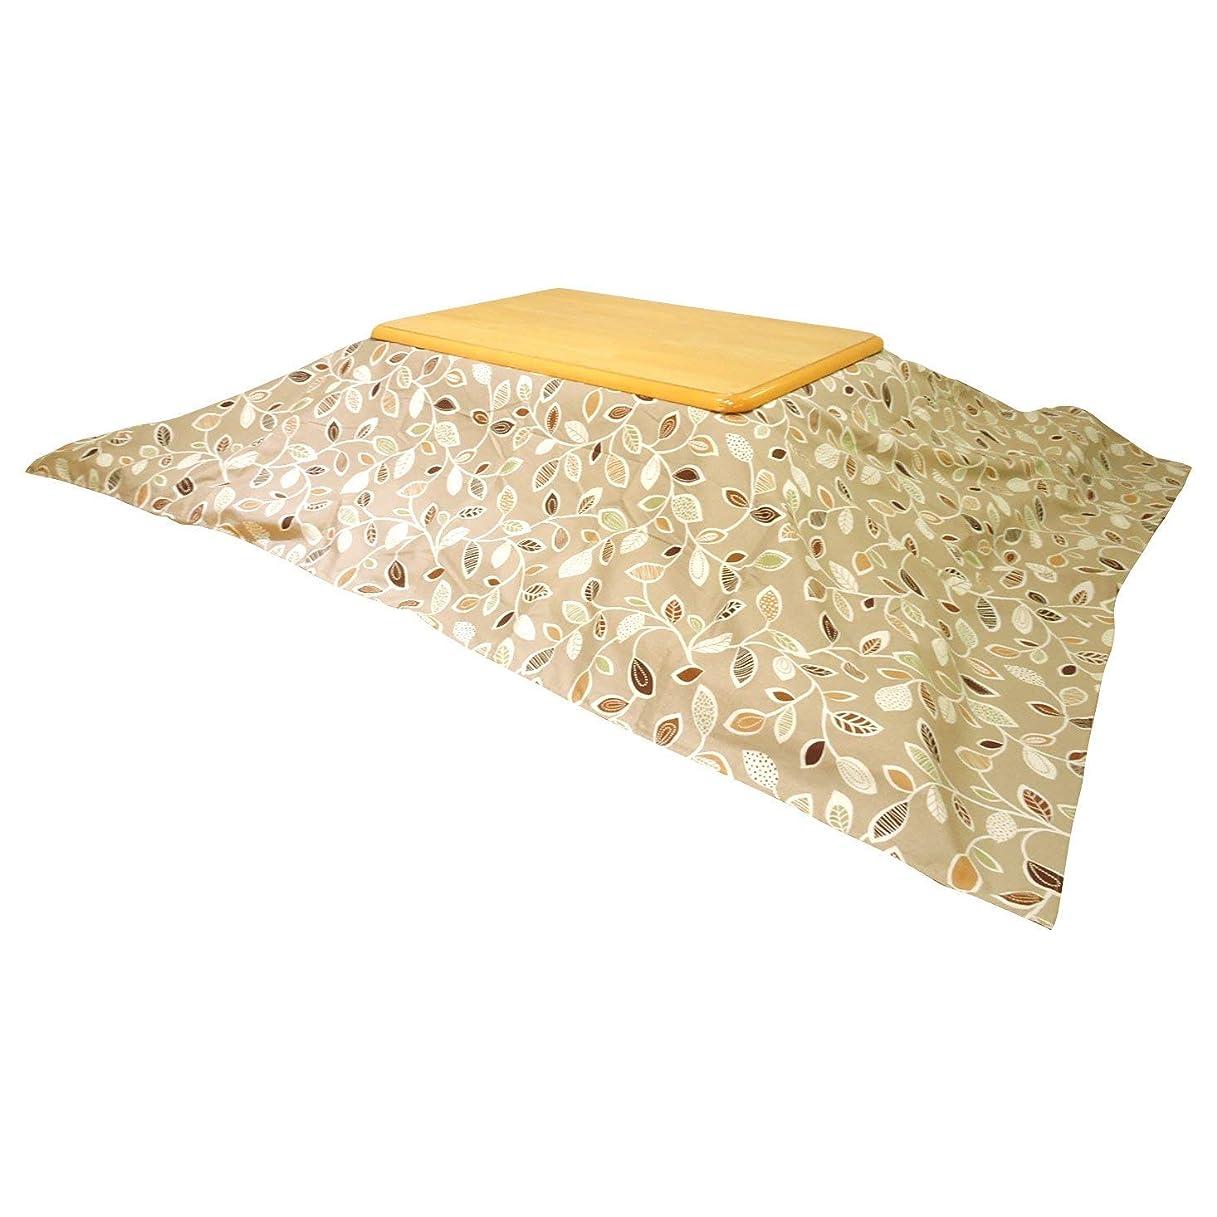 高音侮辱ウォルターカニンガム眠り姫 日本製 お手軽 上掛け マルチ ソファーカバー ナチュラルリーフ 215×295cm オックス 綿100% 超大判長方形